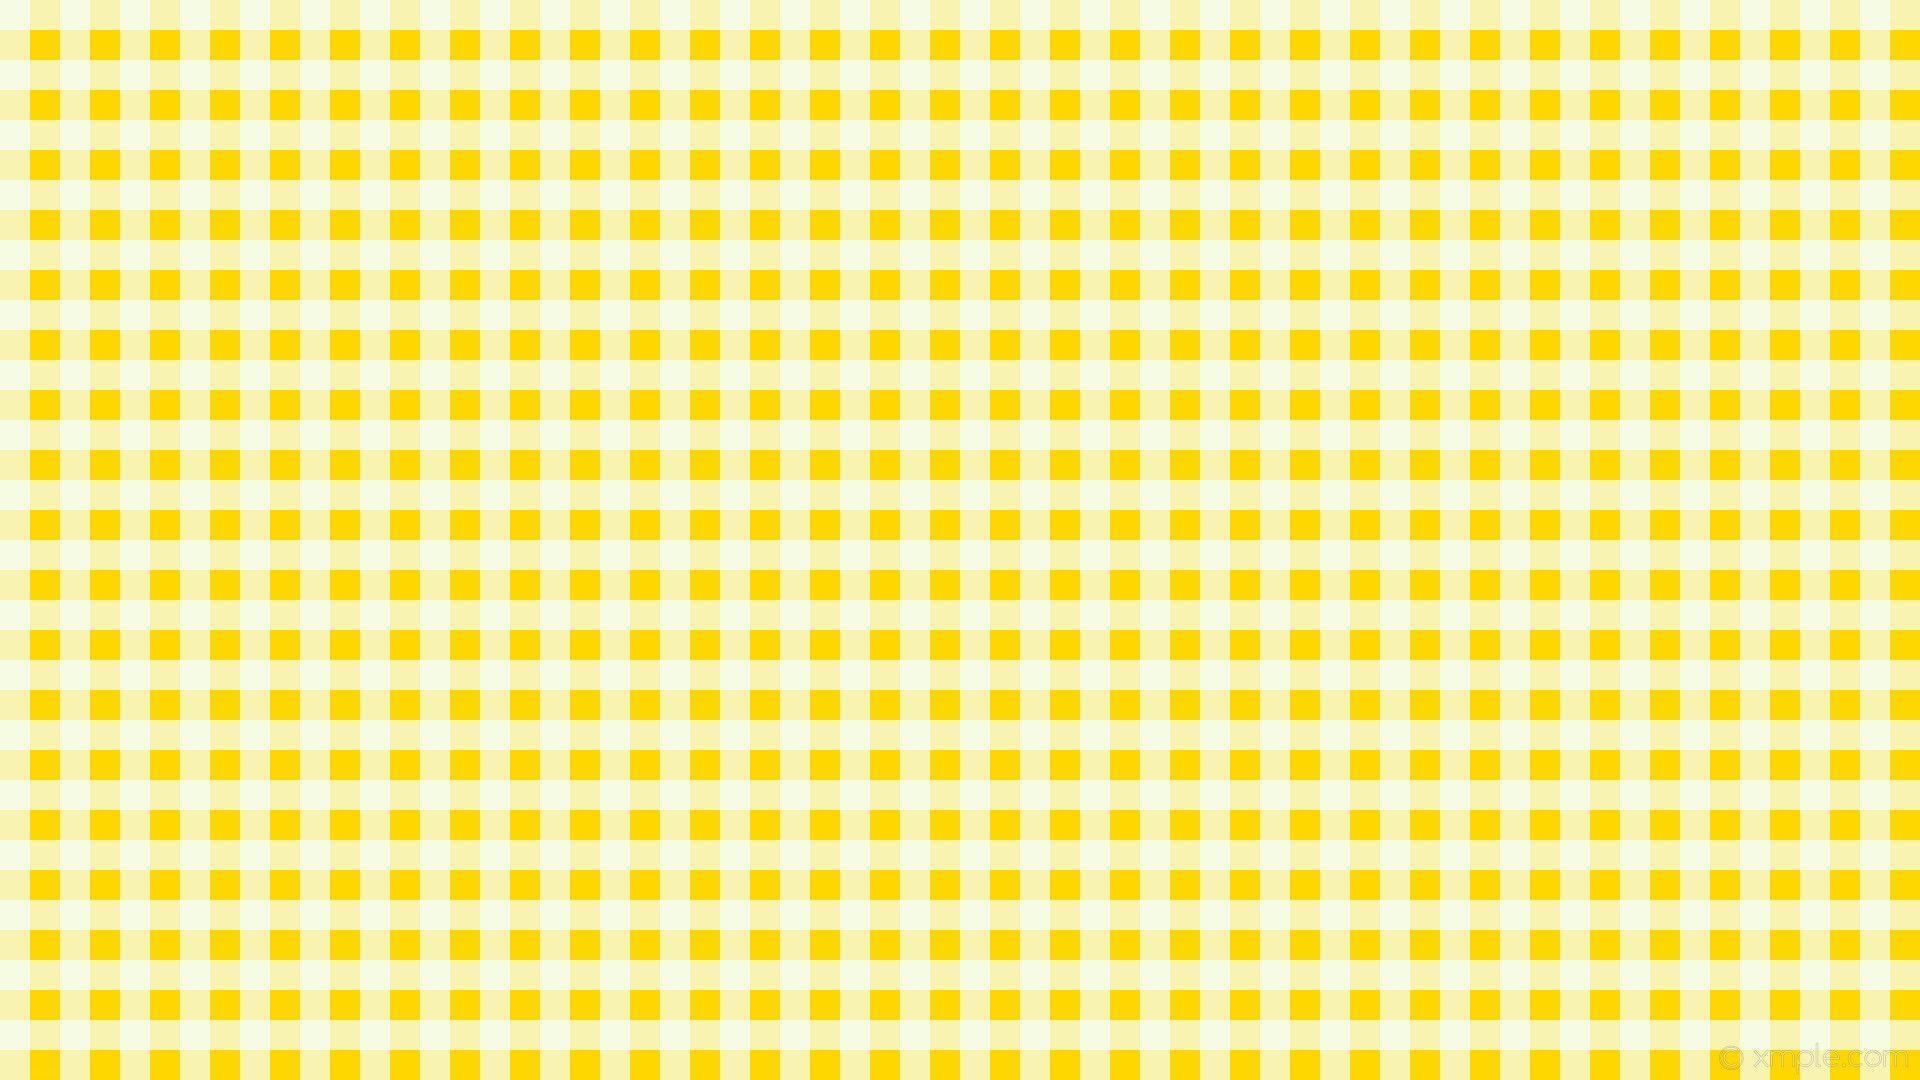 Iphone 6 Aesthetic Yellow Wallpaper - Ala Model Kini